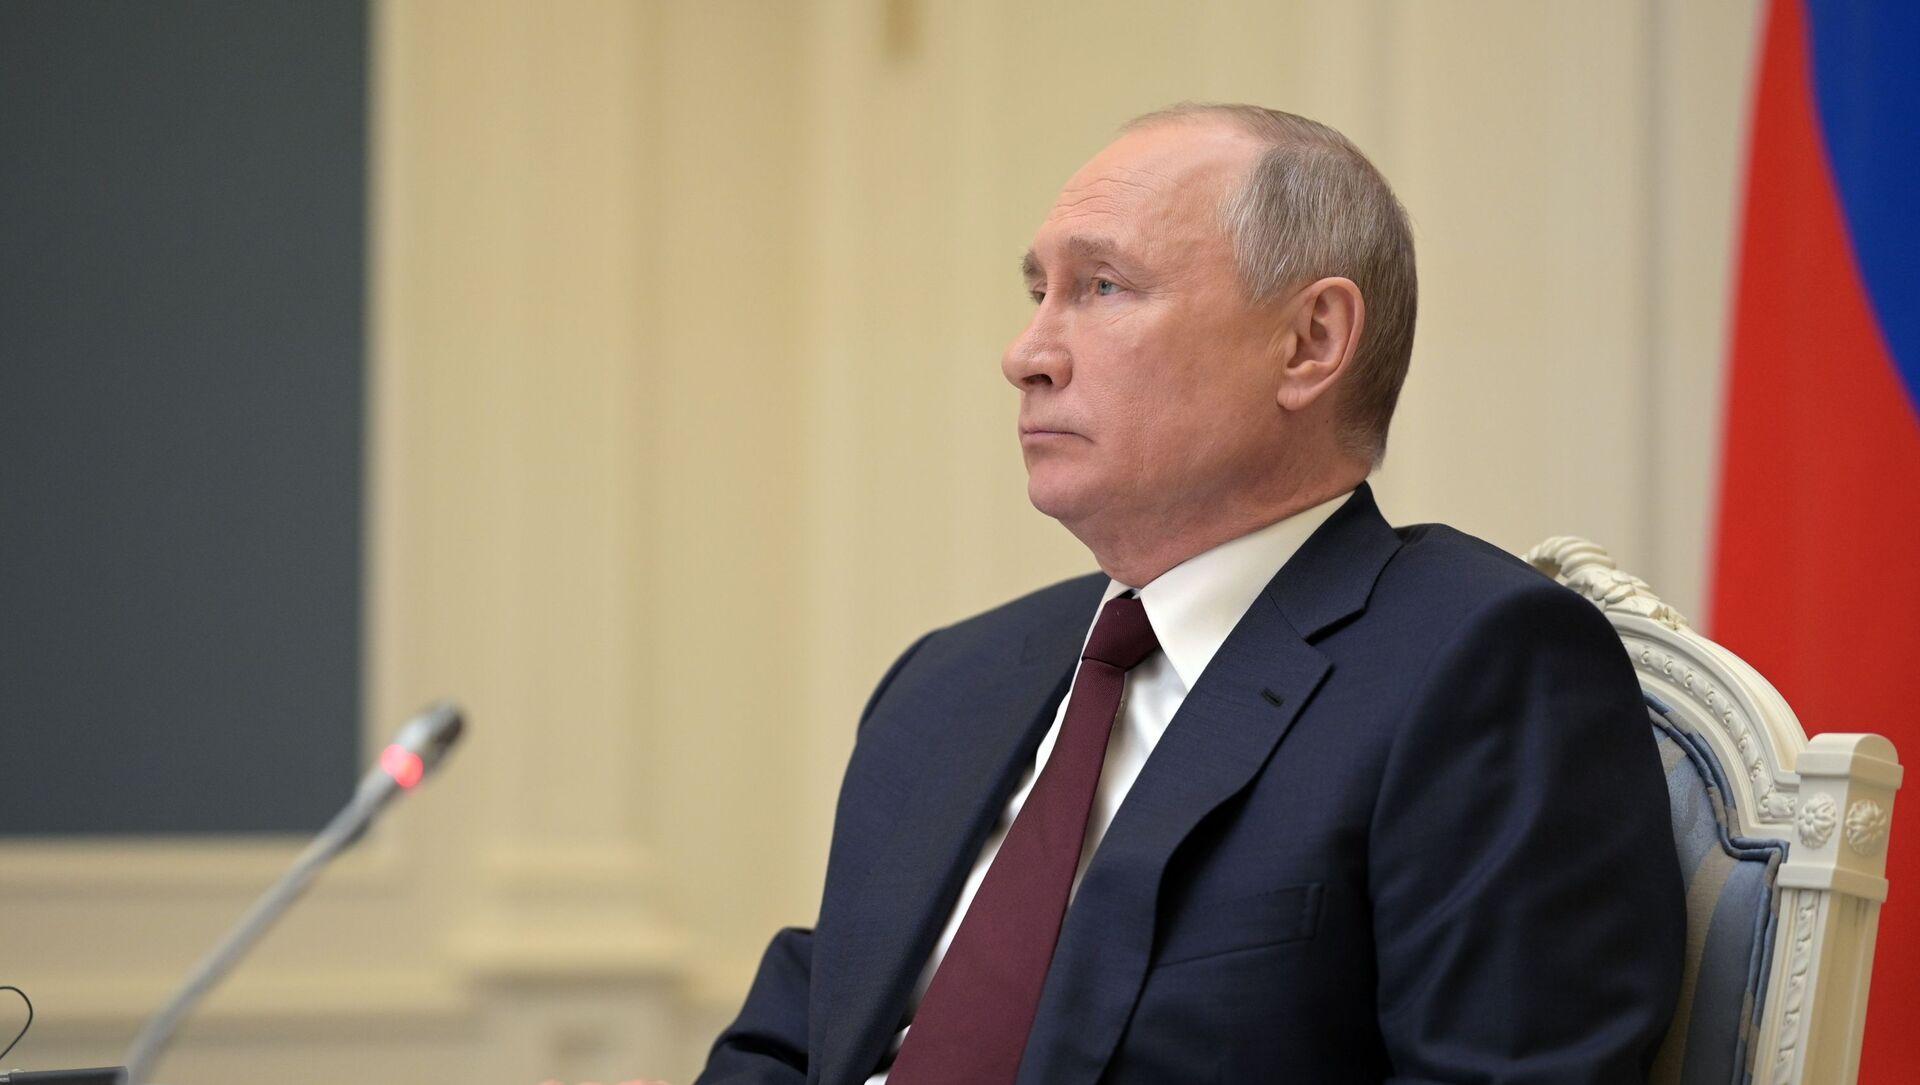 Tổng thống Nga Vladimir Putin tại Hội nghị thượng đỉnh về khí hậu theo điịnh dạng hội thào video. - Sputnik Việt Nam, 1920, 22.04.2021